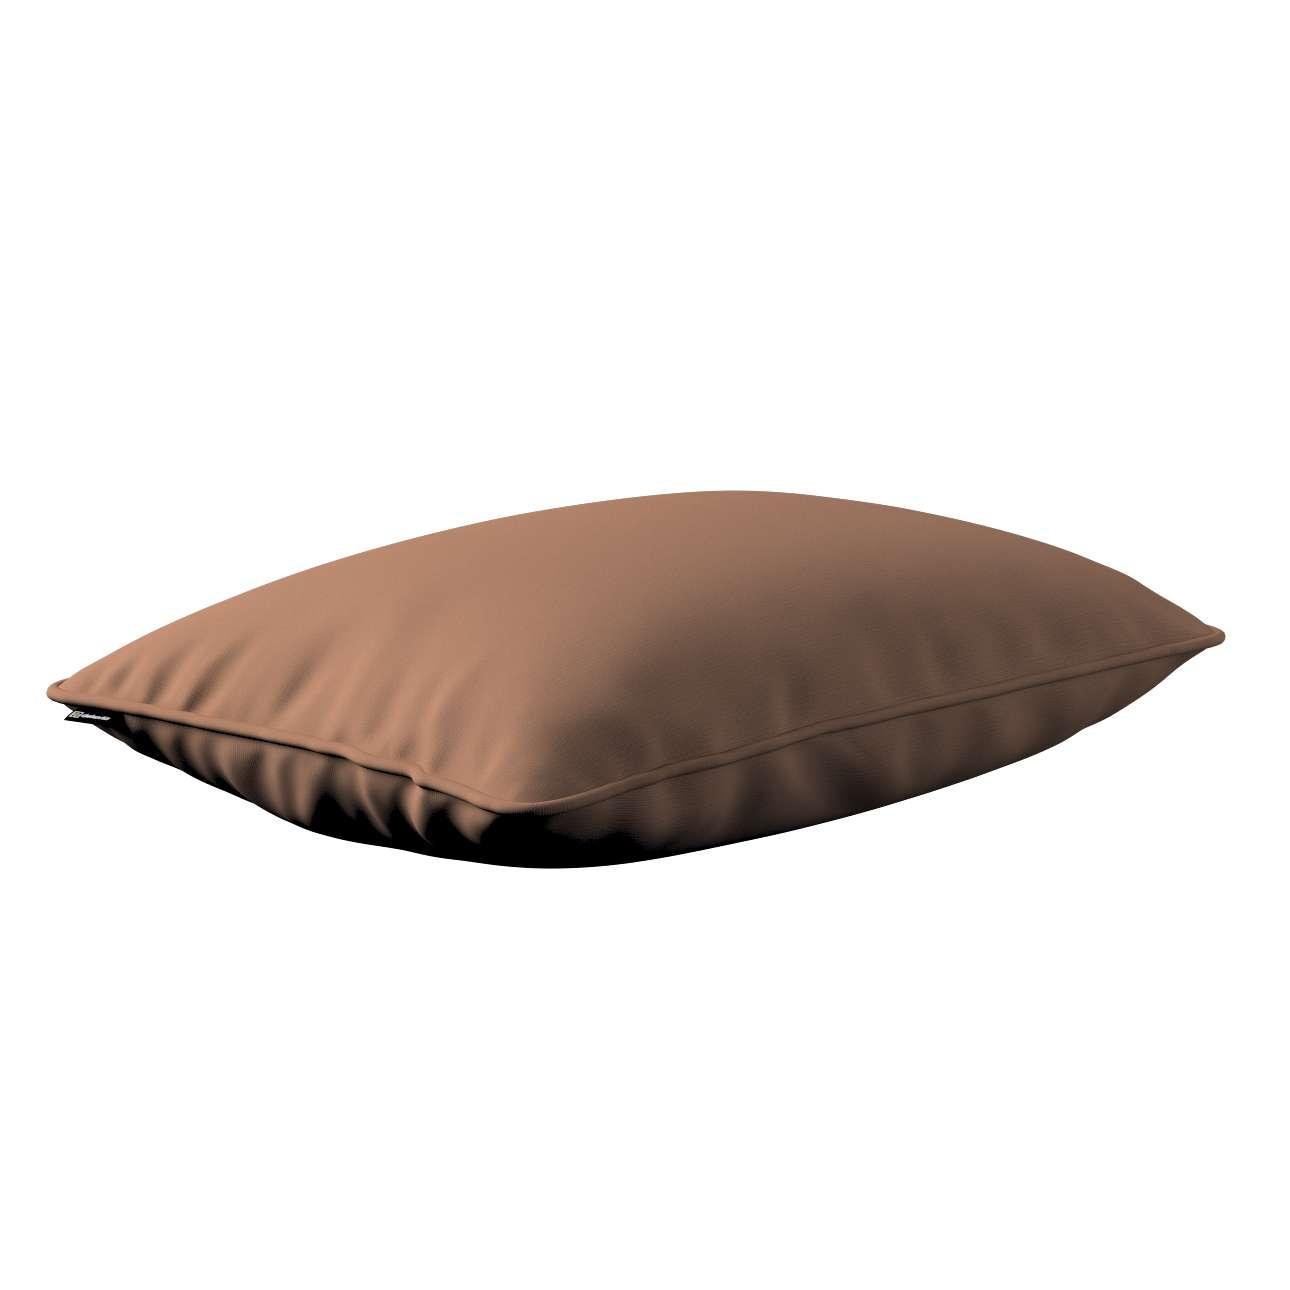 Poszewka Gabi na poduszkę prostokątna 60 x 40 cm w kolekcji Cotton Panama, tkanina: 702-02